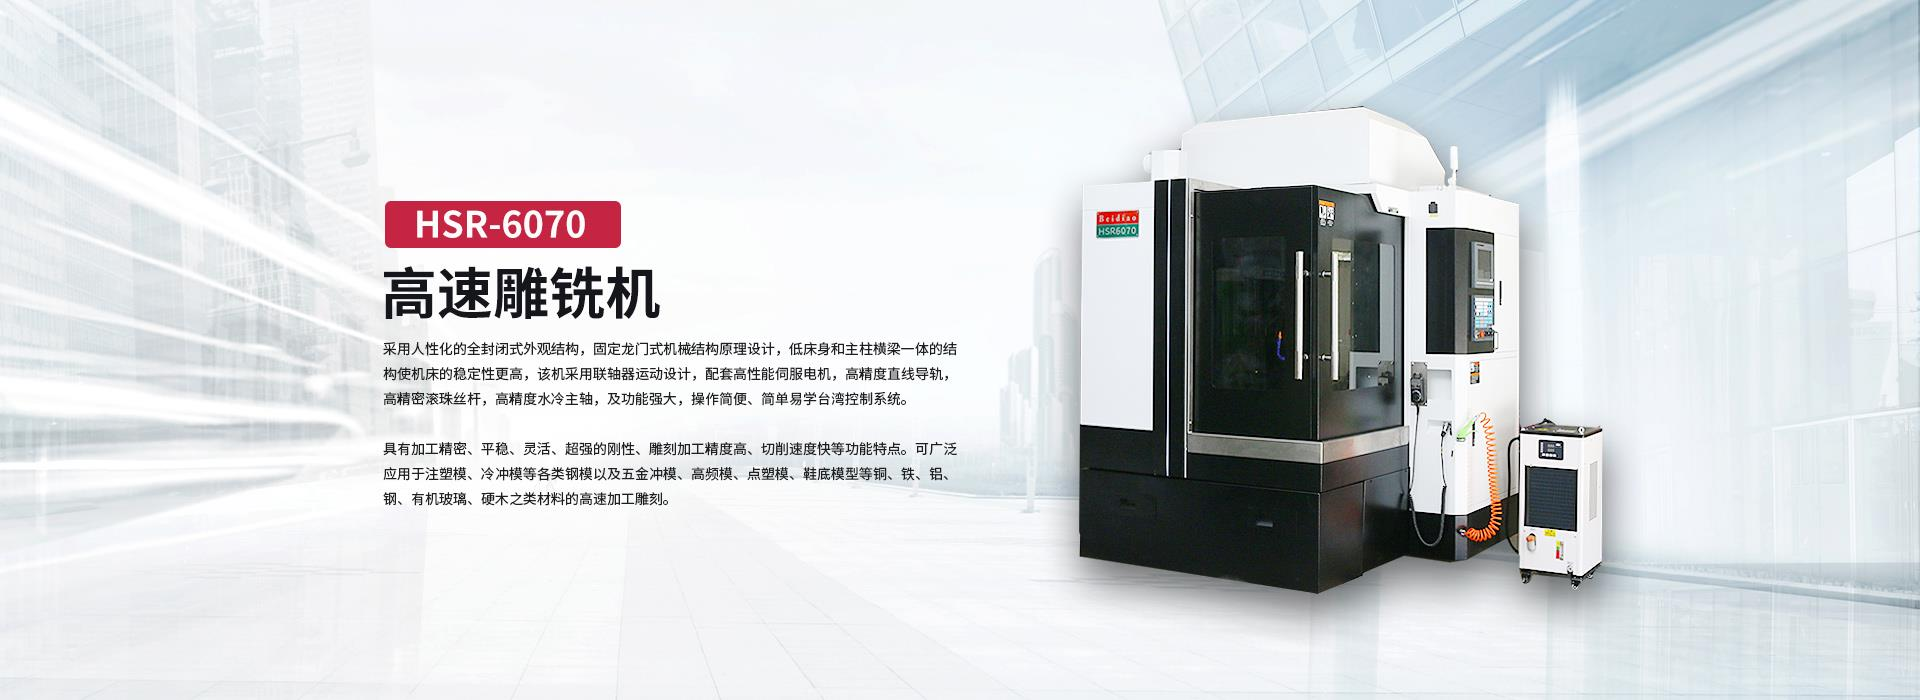 高速雕铣机,上海静治工业科技有限公司